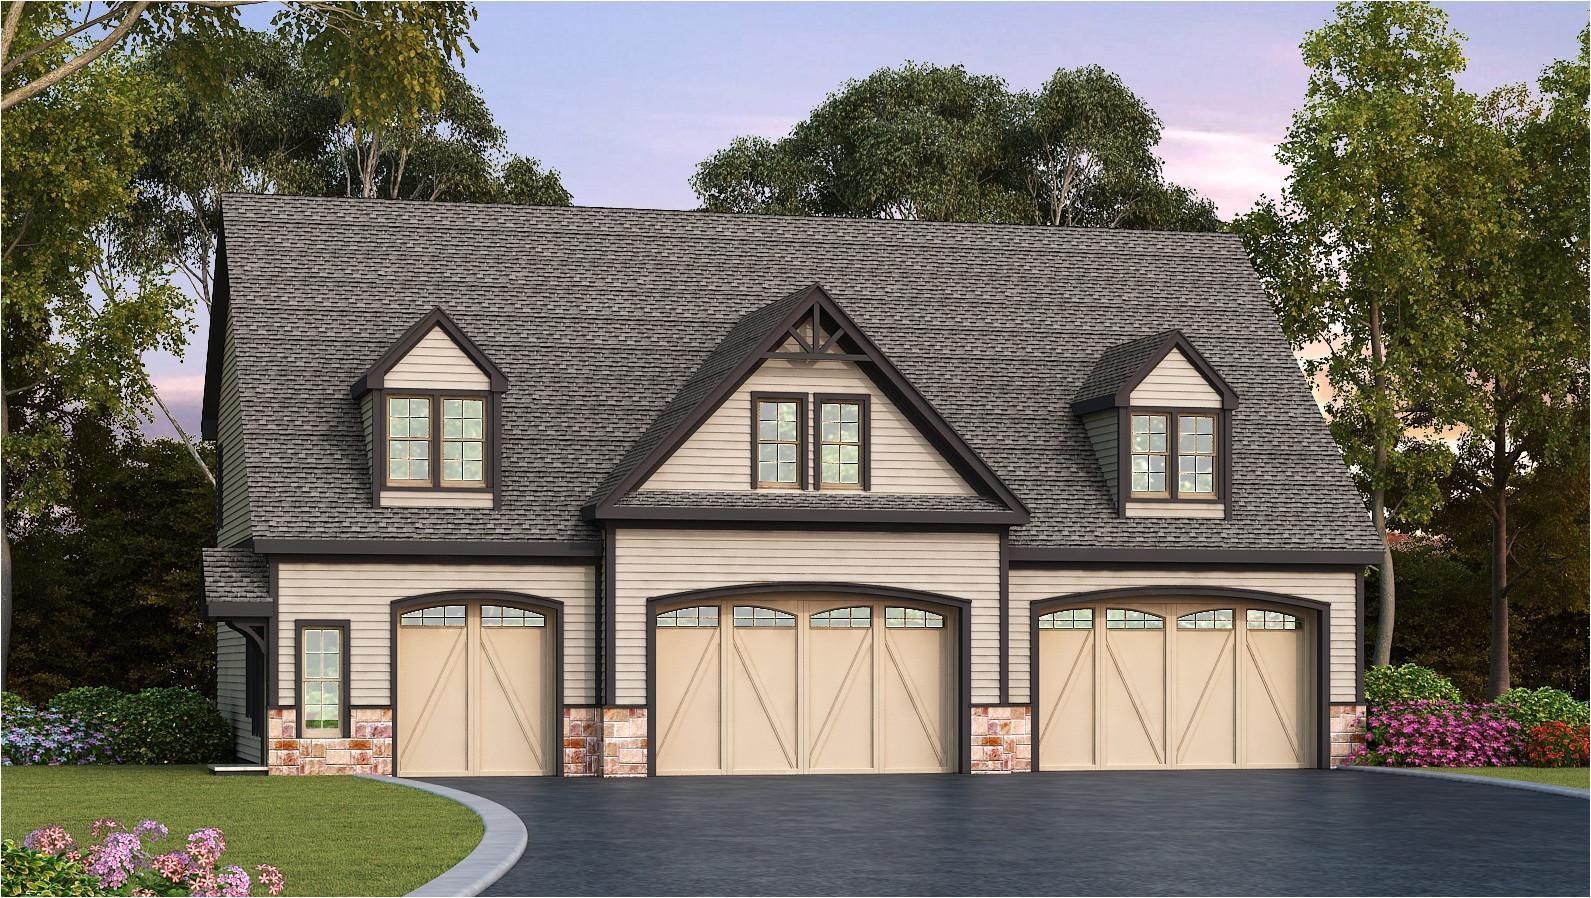 residential 5 car garage plan 29870rl